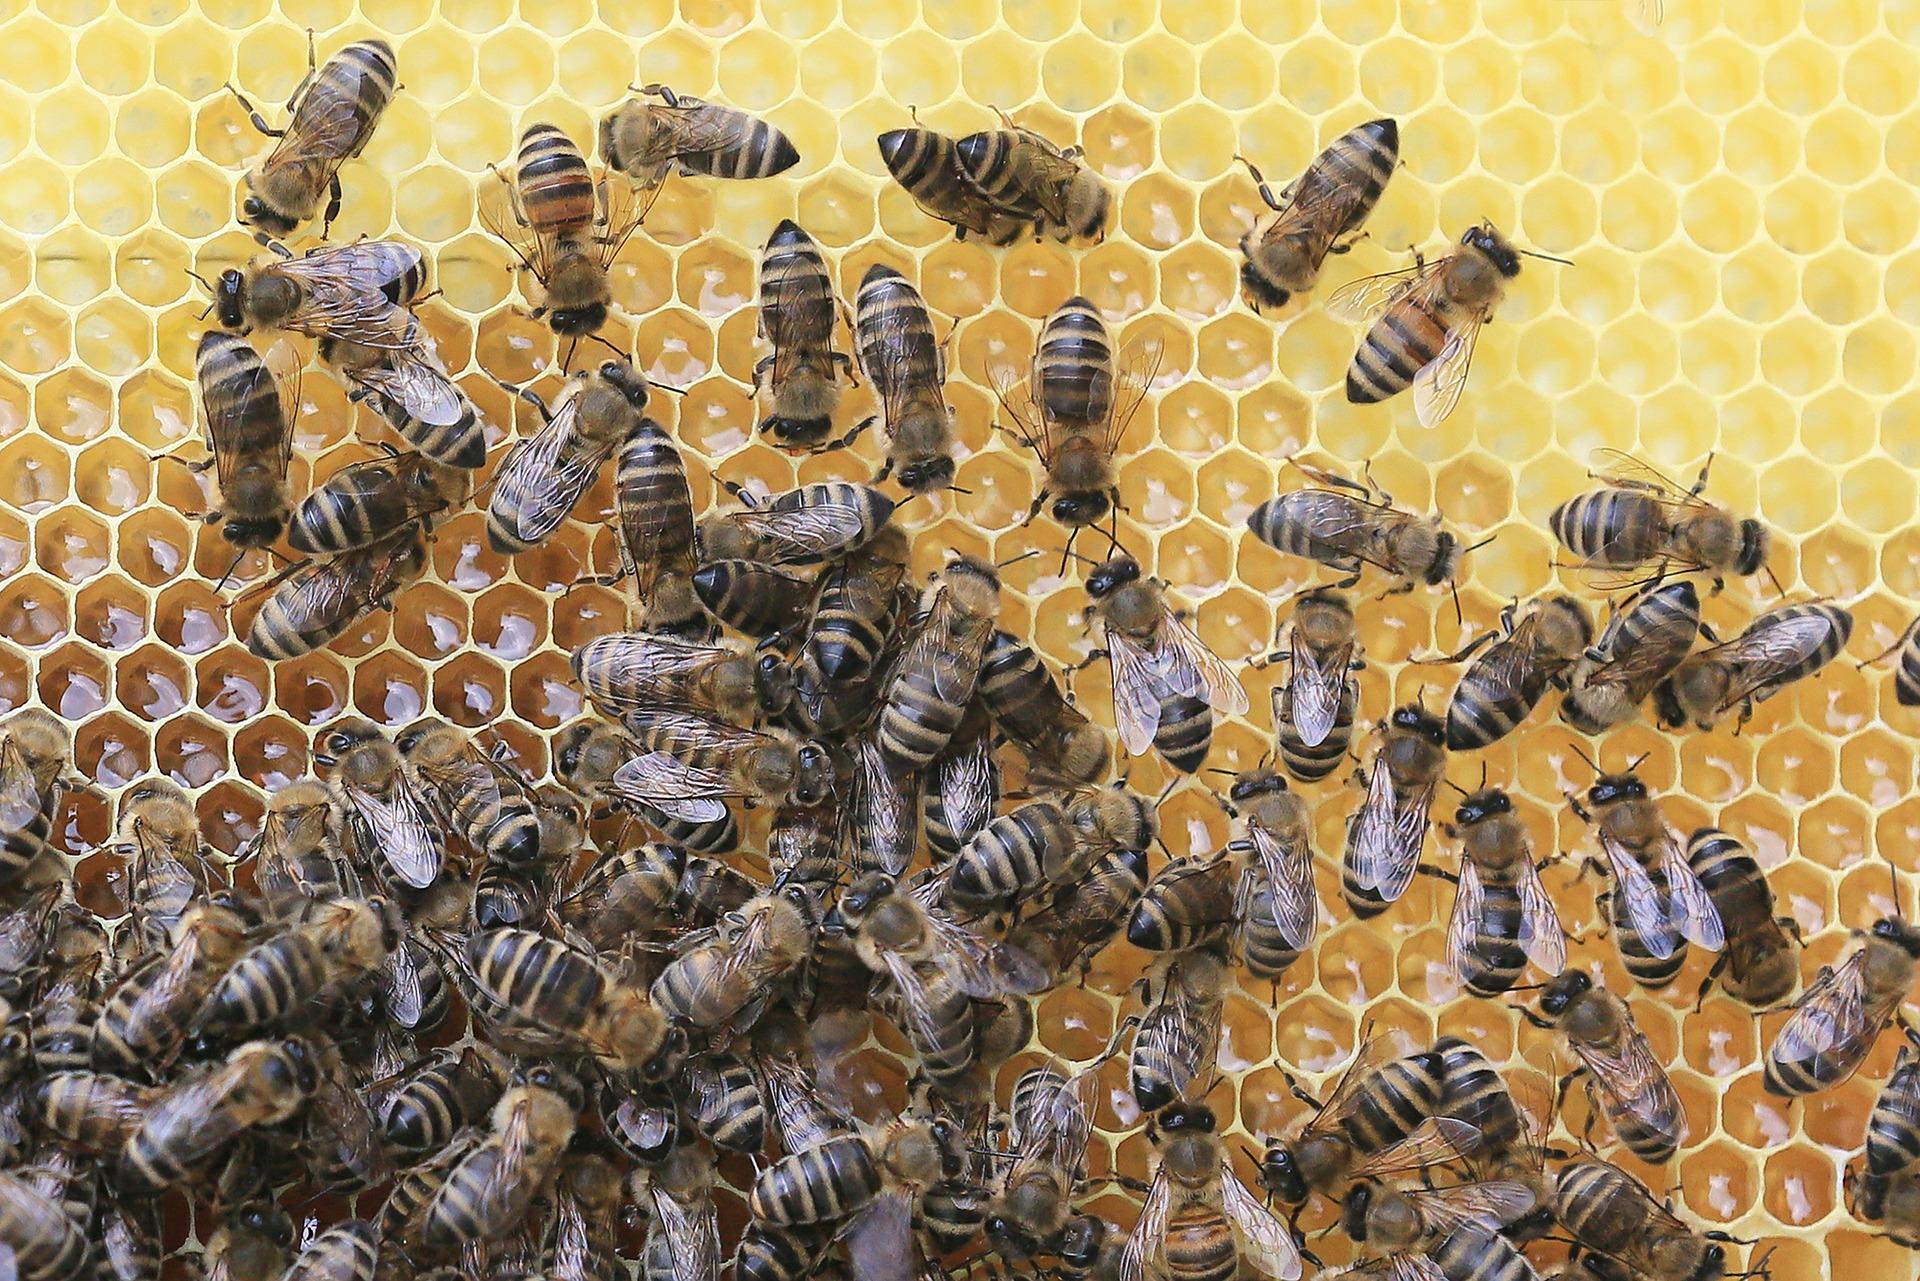 Czy wiesz jak wygląda ul od środka?  Wycieczka po królestwie pszczół